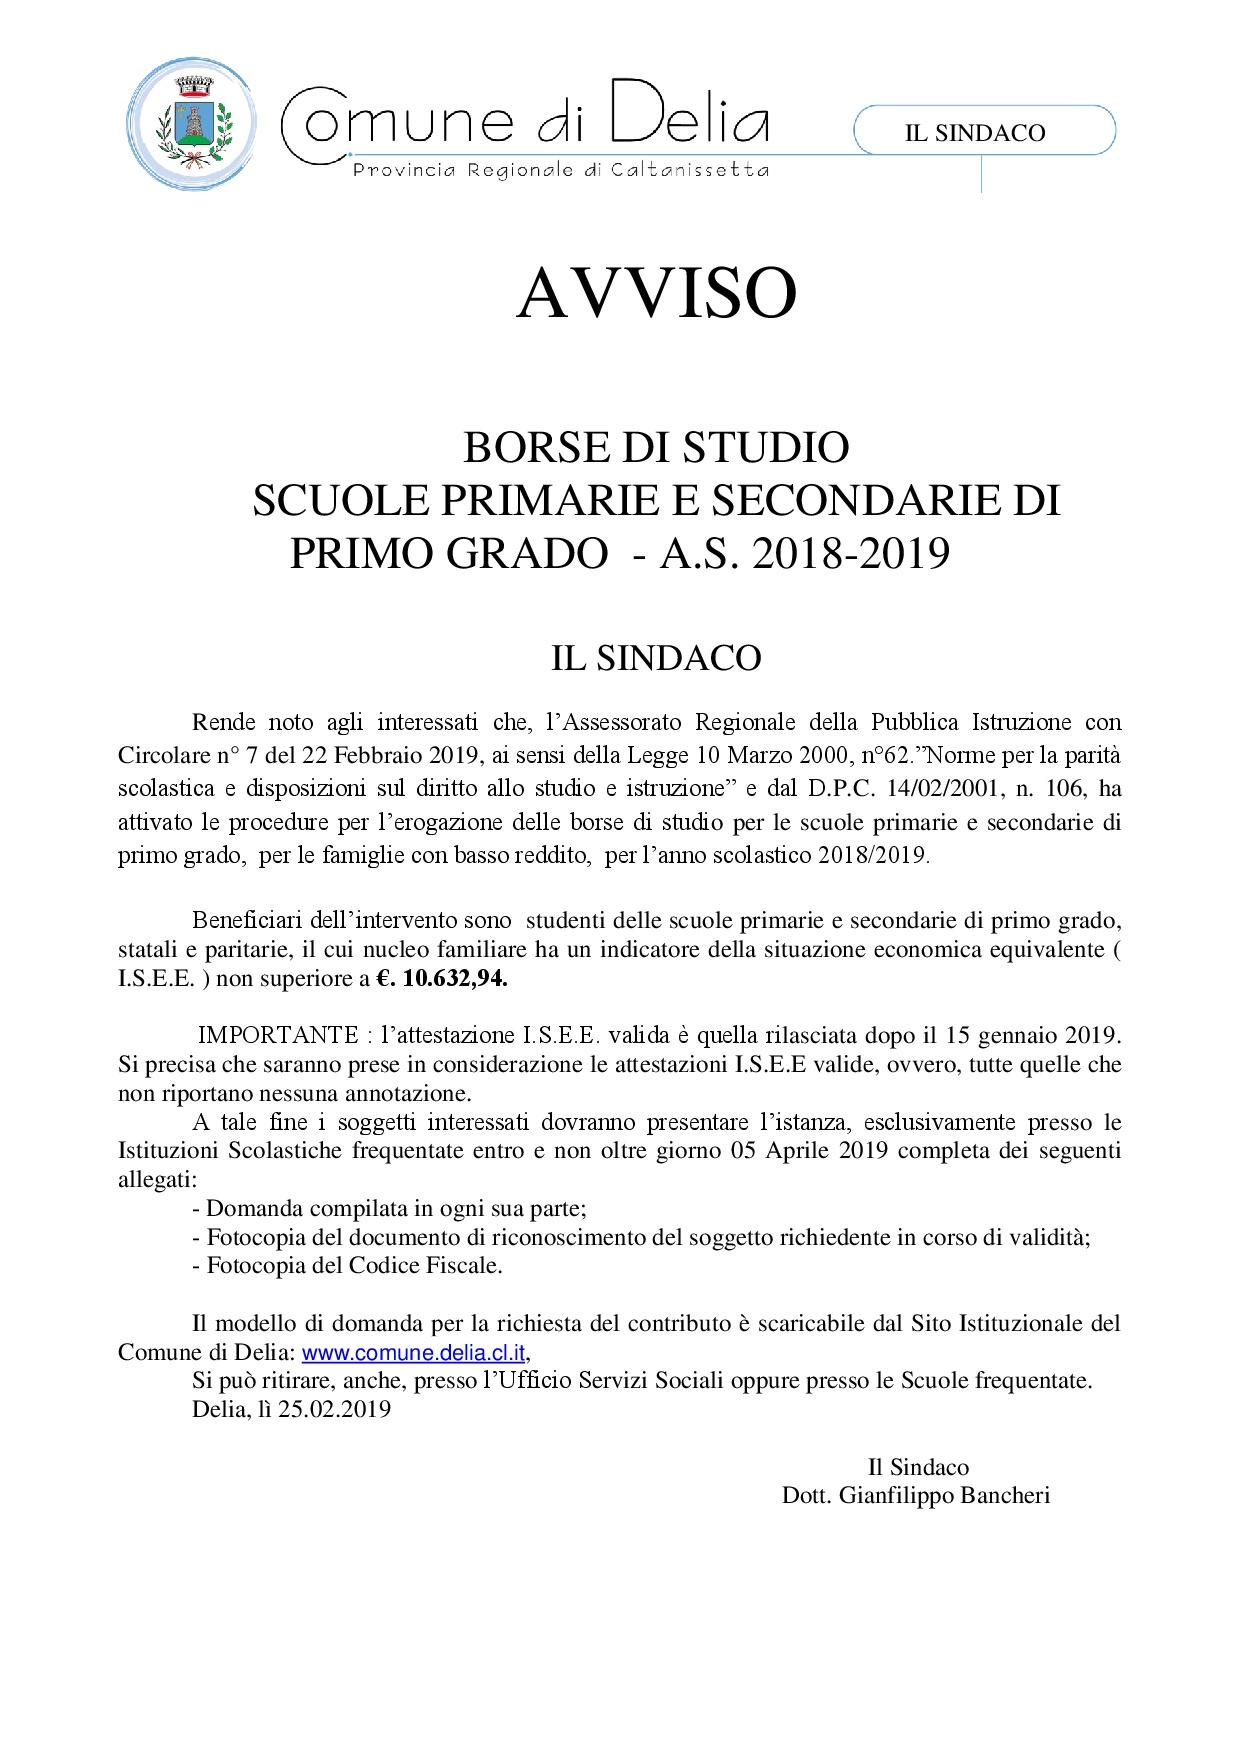 AVVISO - BORSE DI STUDIO SCUOLE PRIMARIE E SECONDARIE DI PRIMO GRADO - A.S. 2018-2019